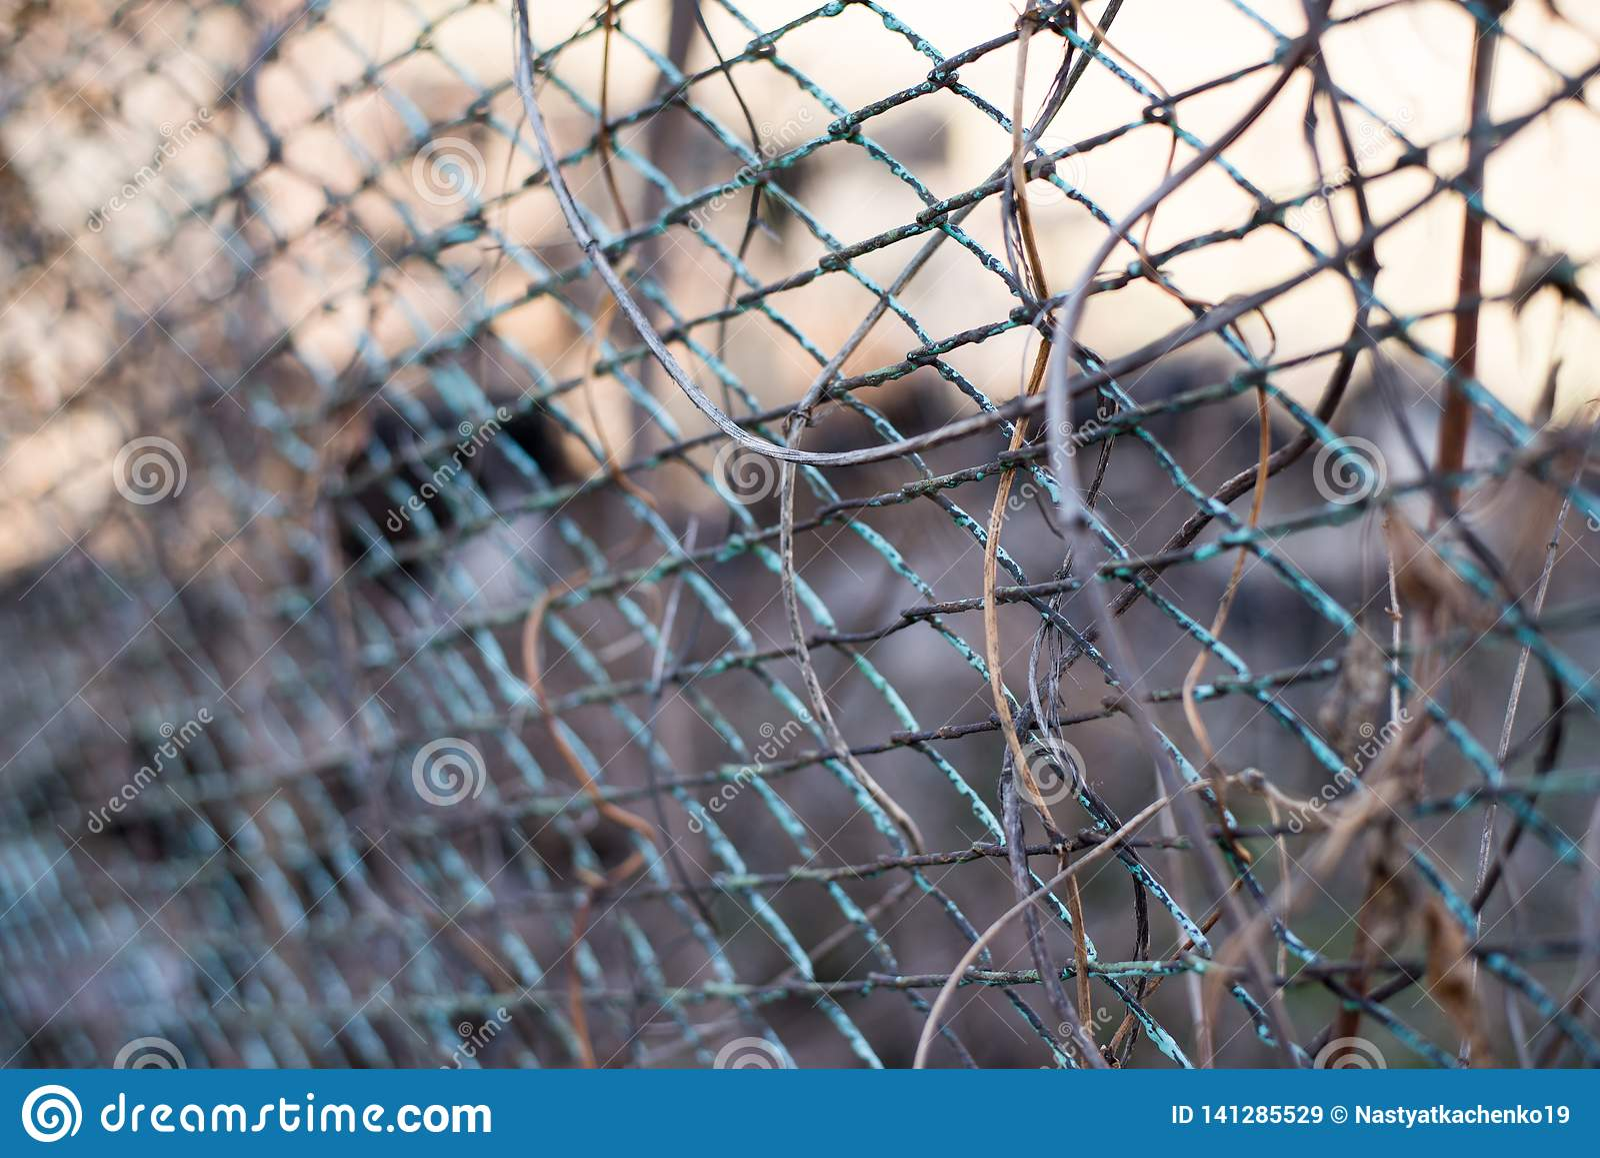 Un fond d automne avec la liane de plante grimpante de Virginie sur la vieille barrière rouillée de jardin en métal